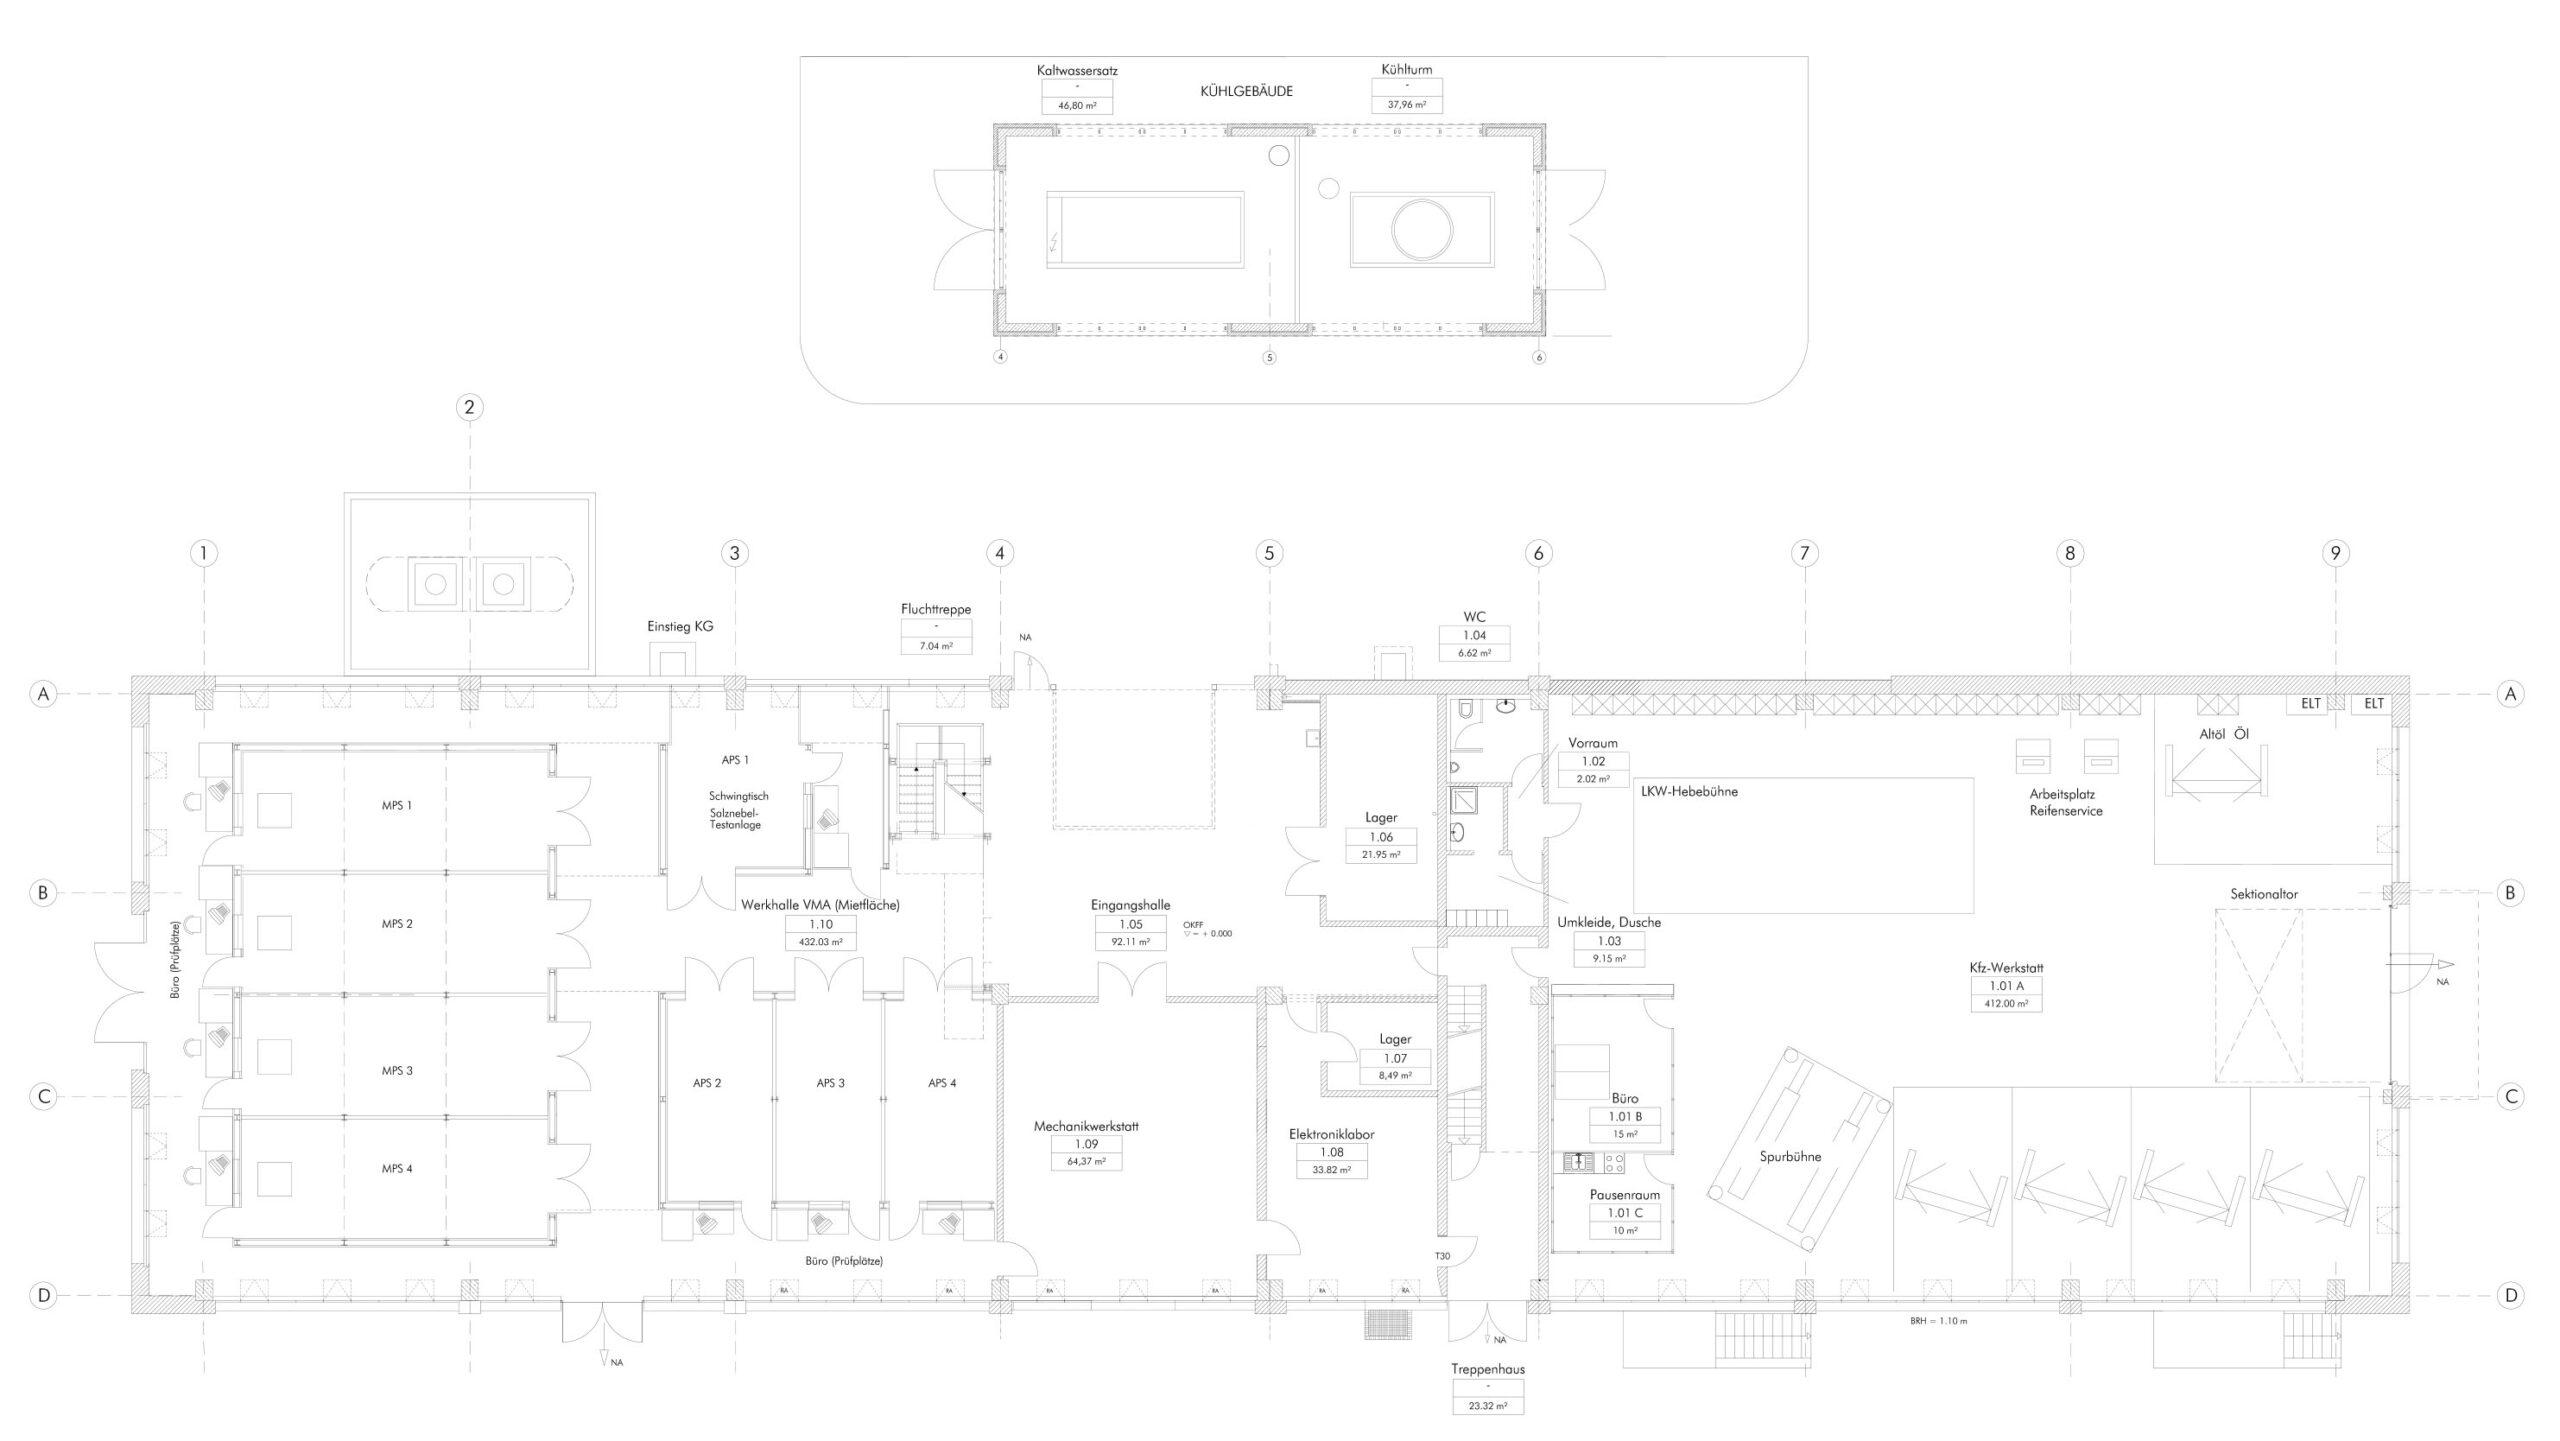 Umbau, Ausbau und Sanierung von Gebäuden im Gewerbepark Georg Knorr in Berlin-Marzahn Herrichtung denkmalgeschützter Hallen für neue Nutzer